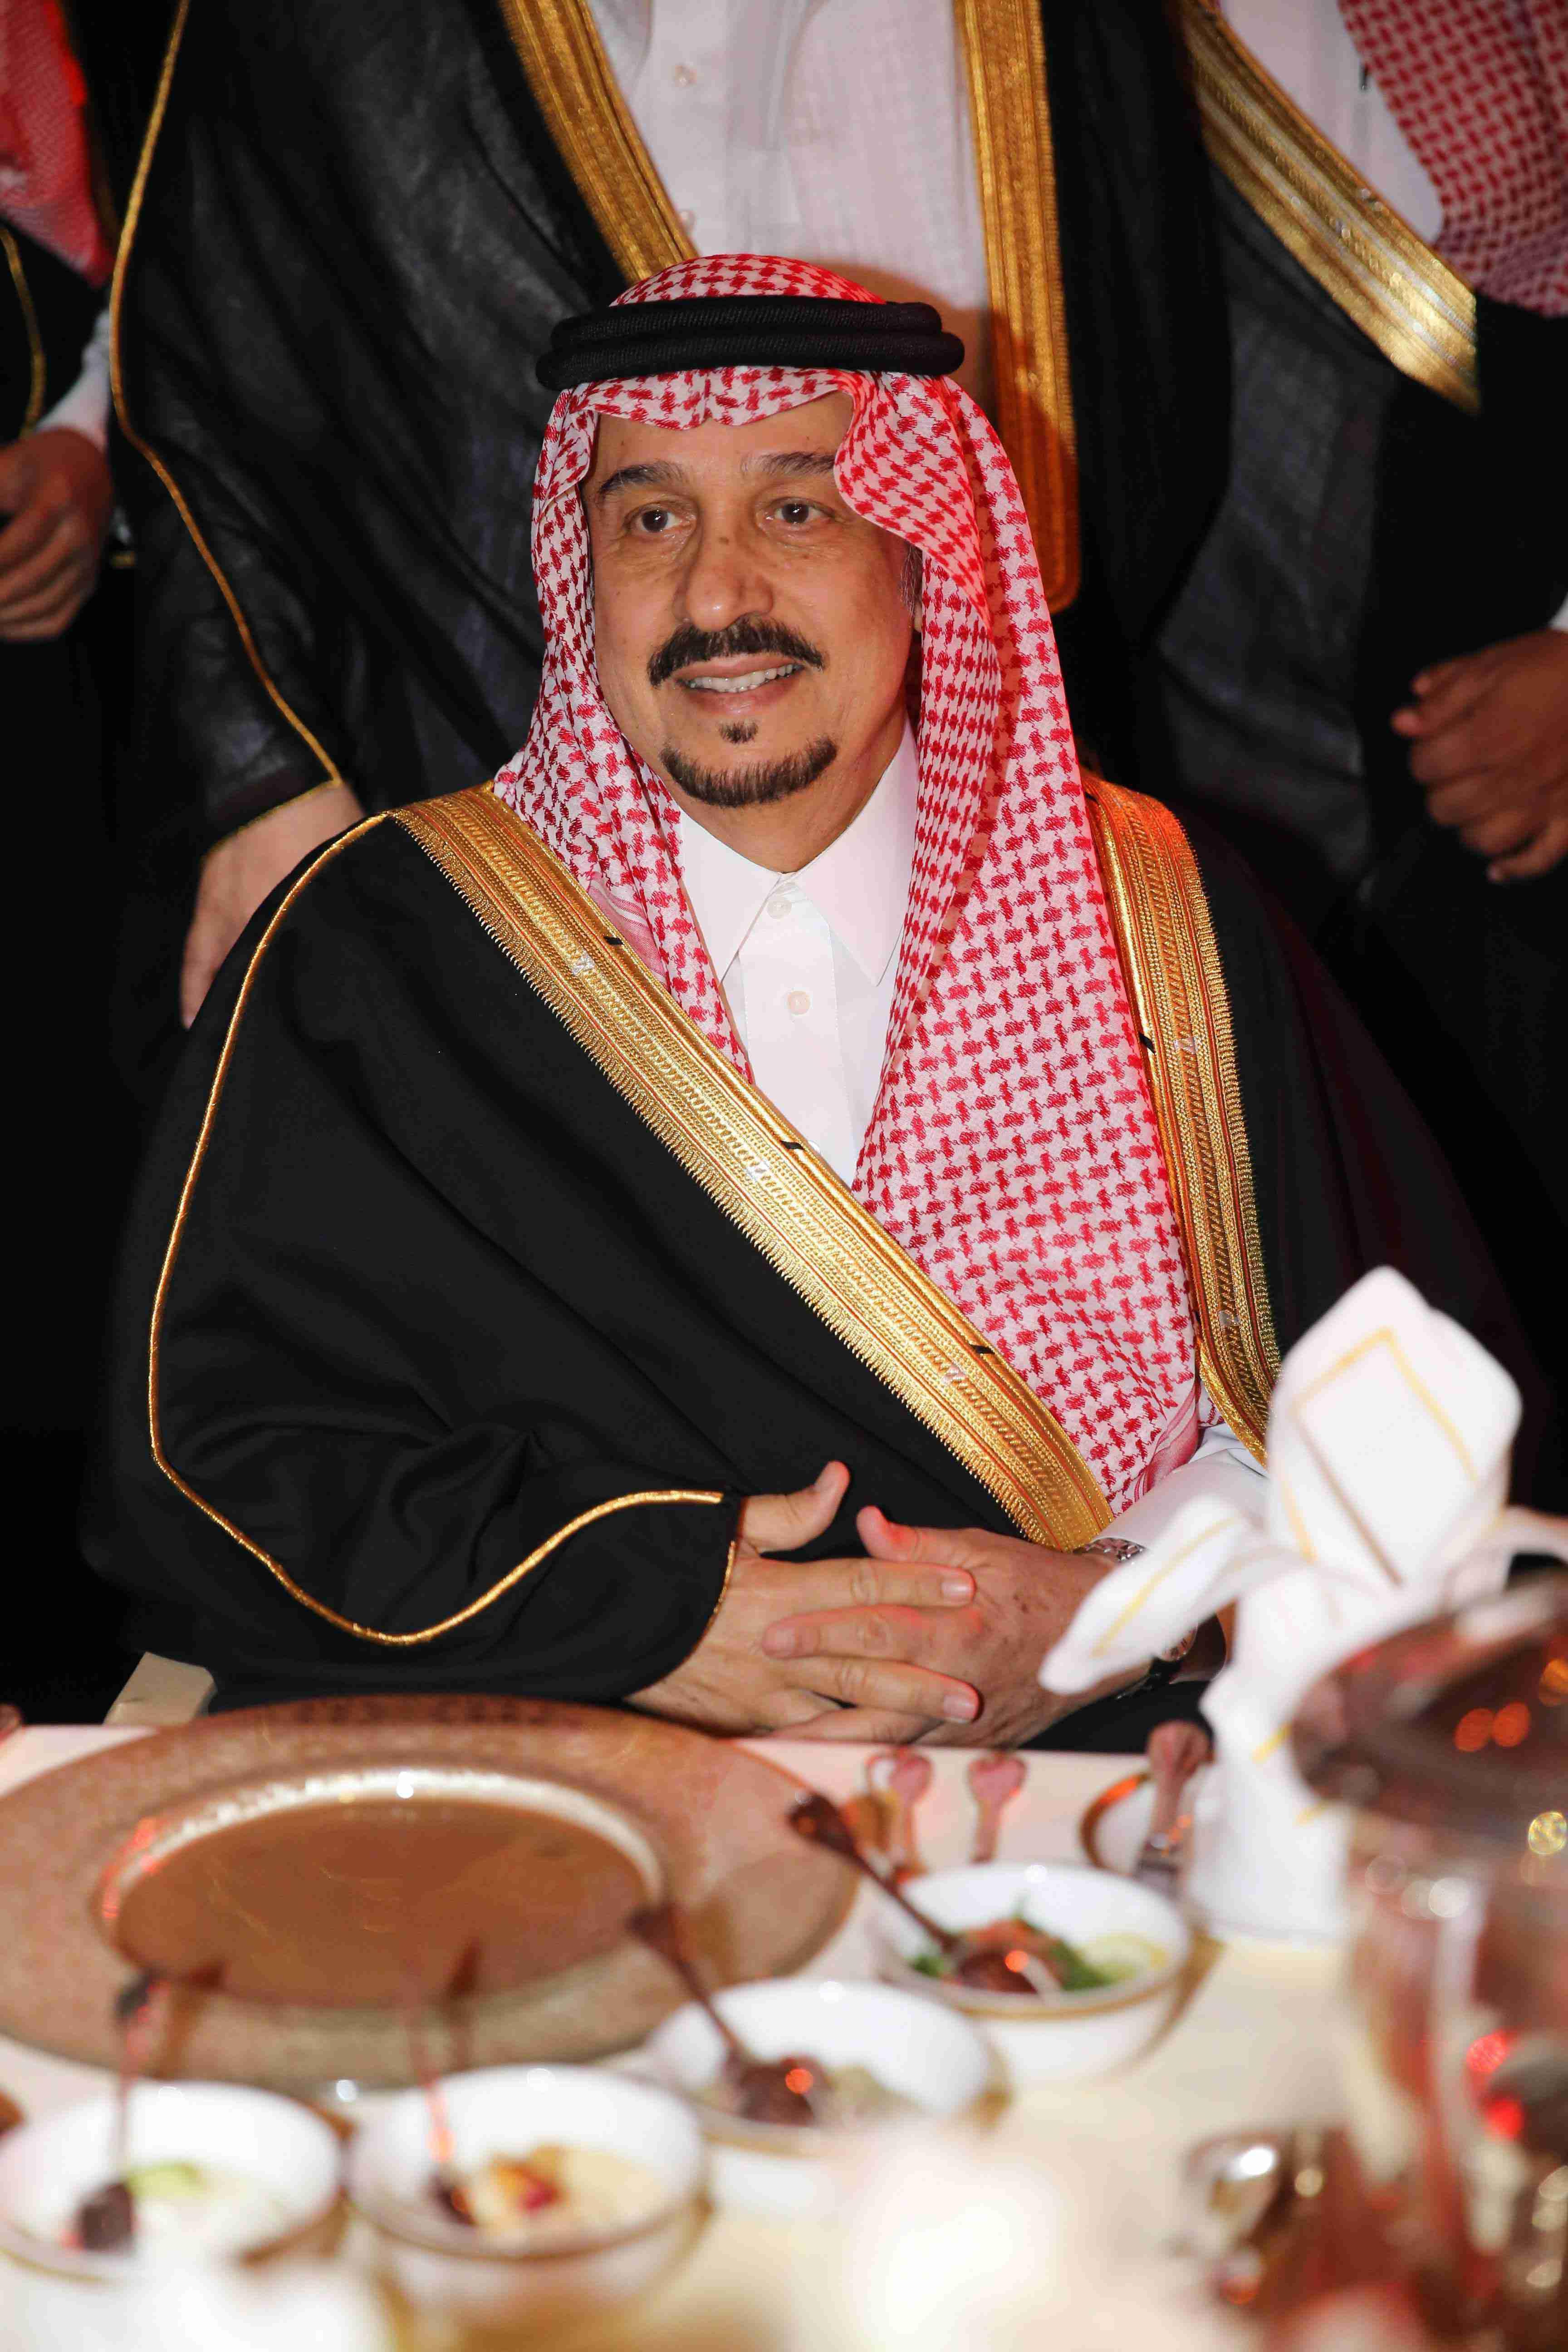 صاحب السمو الملكي الأمير/ فيصل بن بندر بن عبد العزيز آل سعود أمير منطقة الرياض